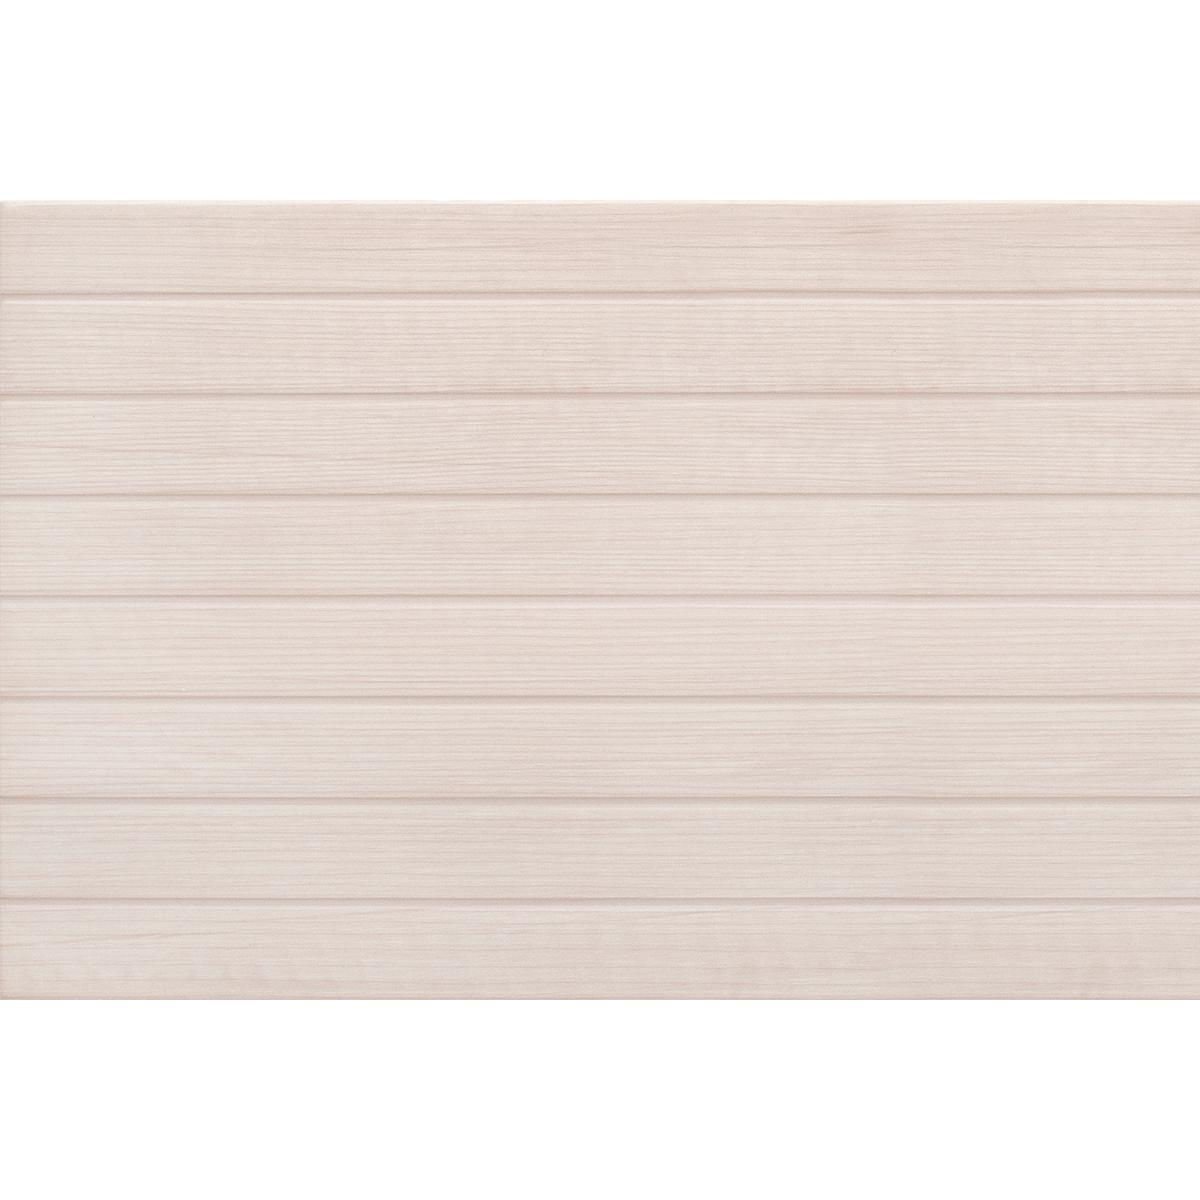 Плитка Cersanit Sakura Beige 30x45